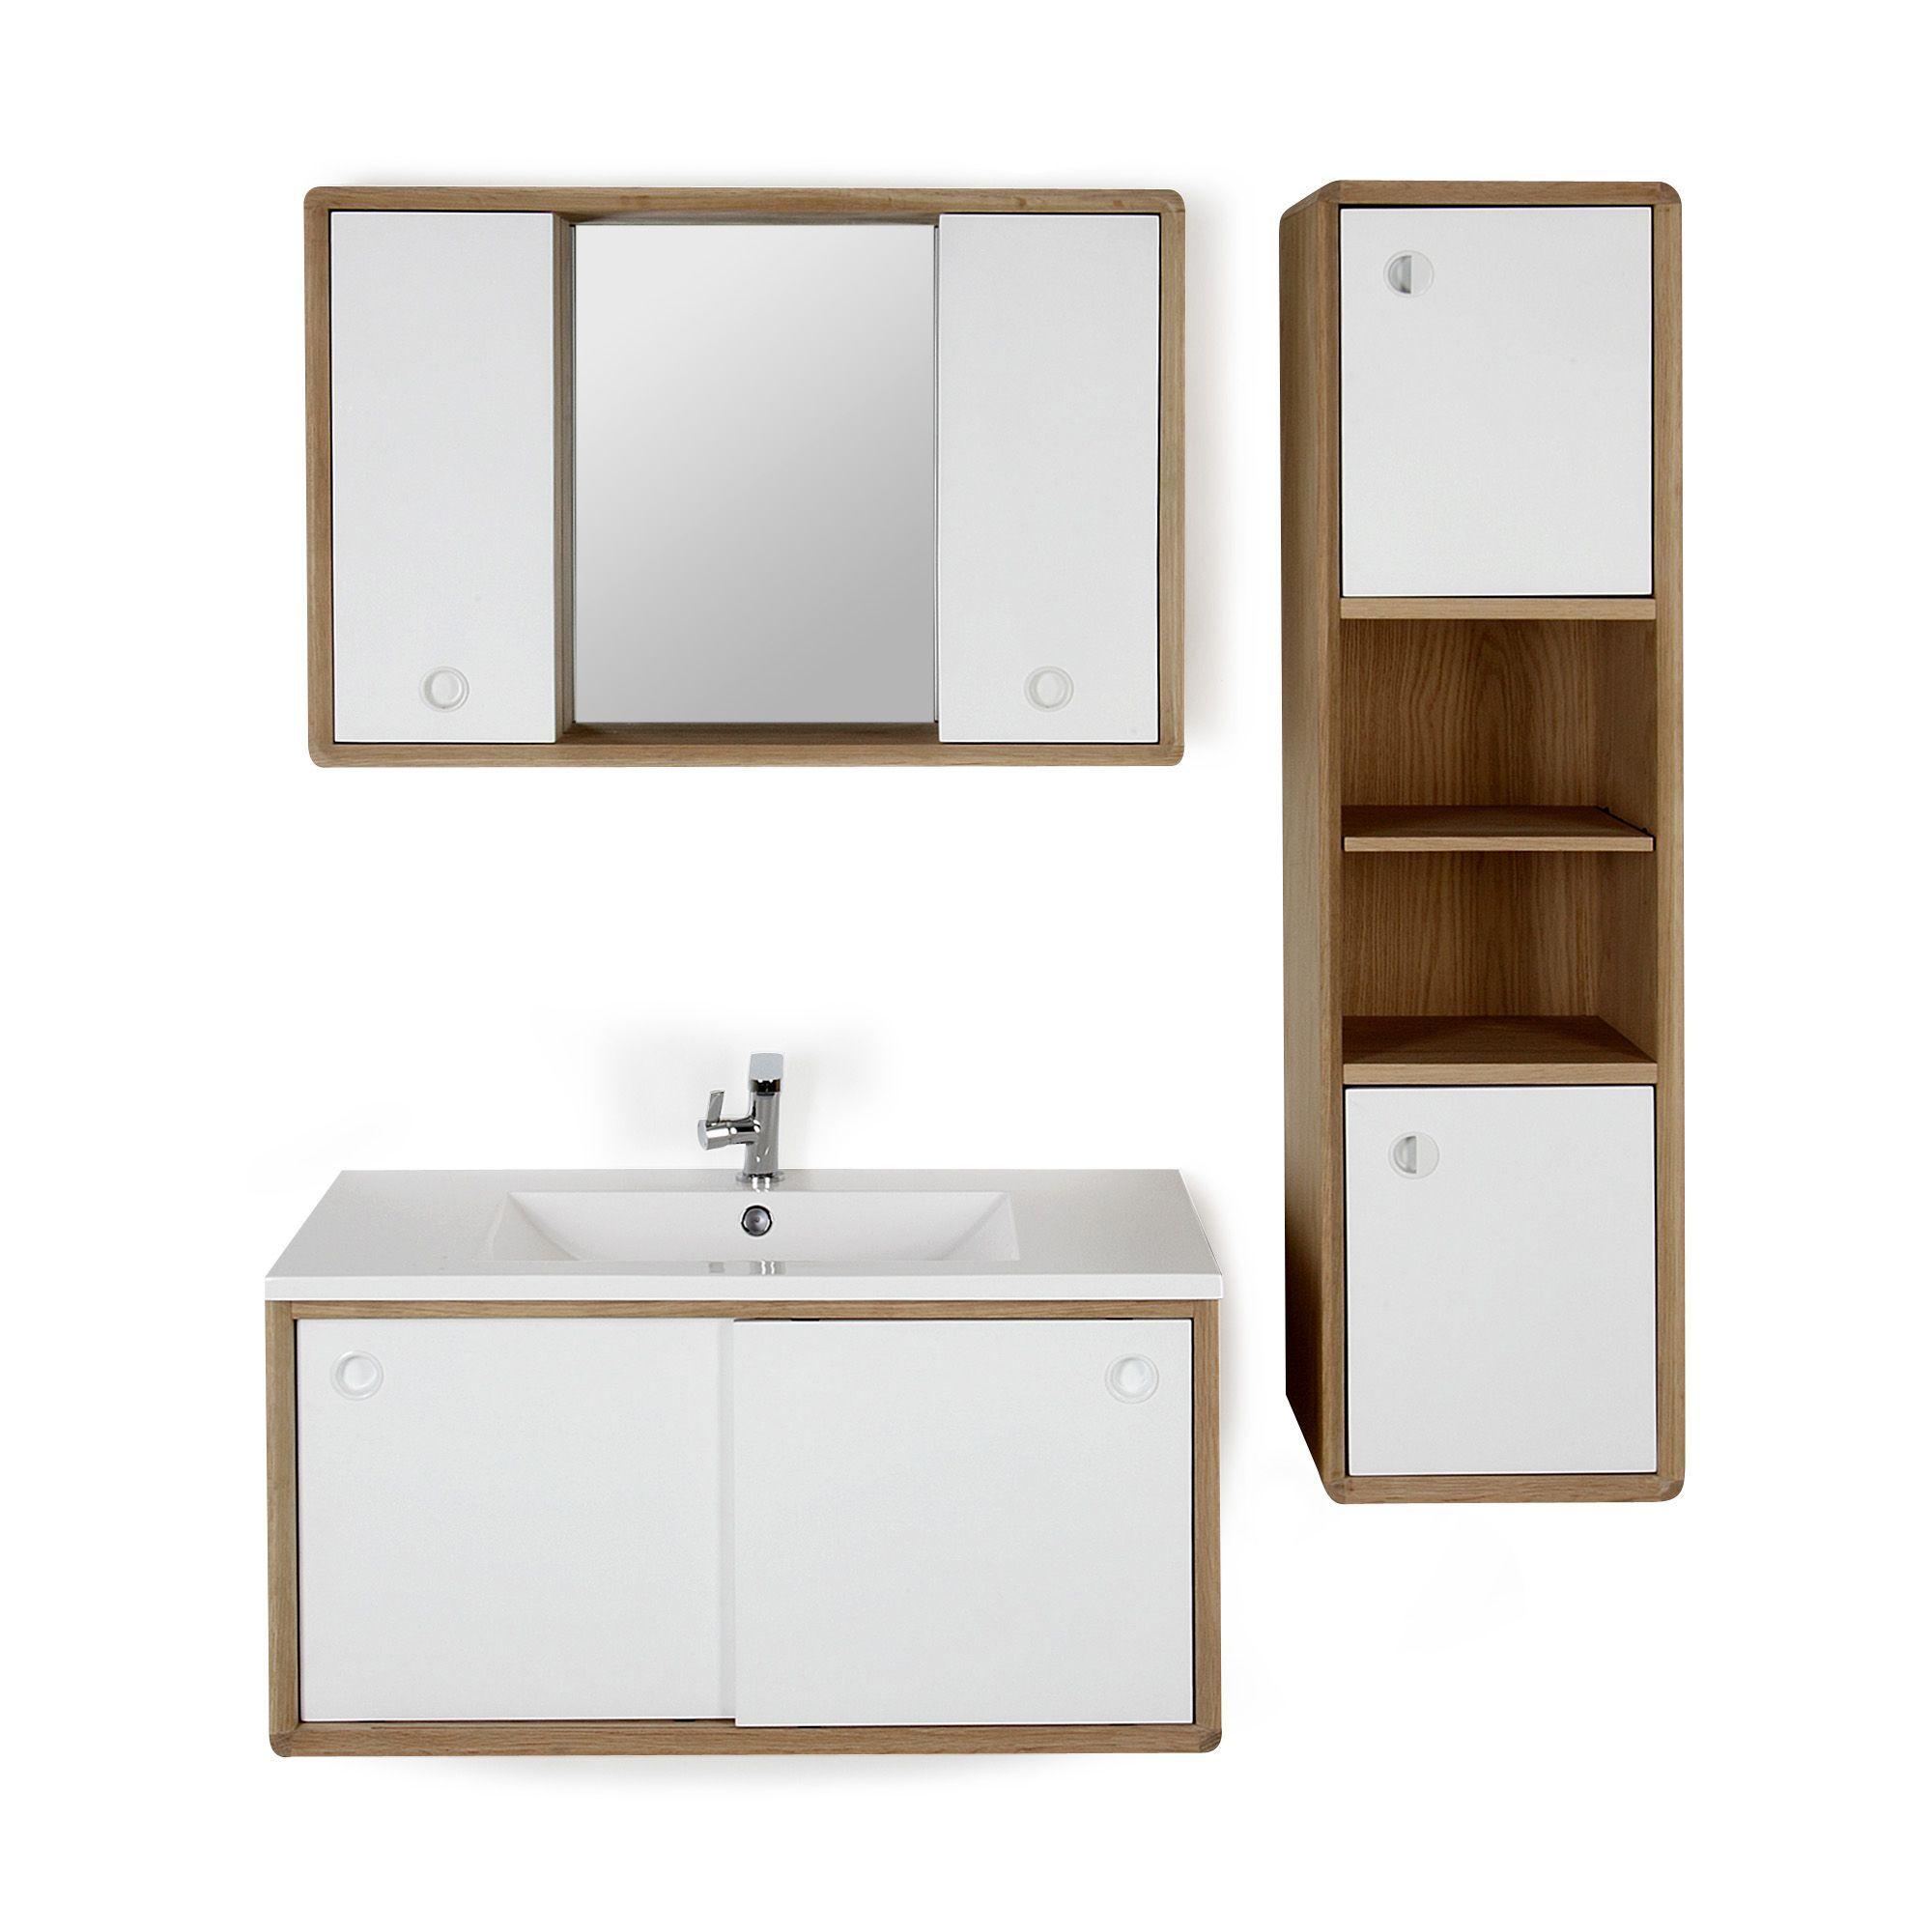 ensemble de meuble de salle de bains souligne promos. Black Bedroom Furniture Sets. Home Design Ideas